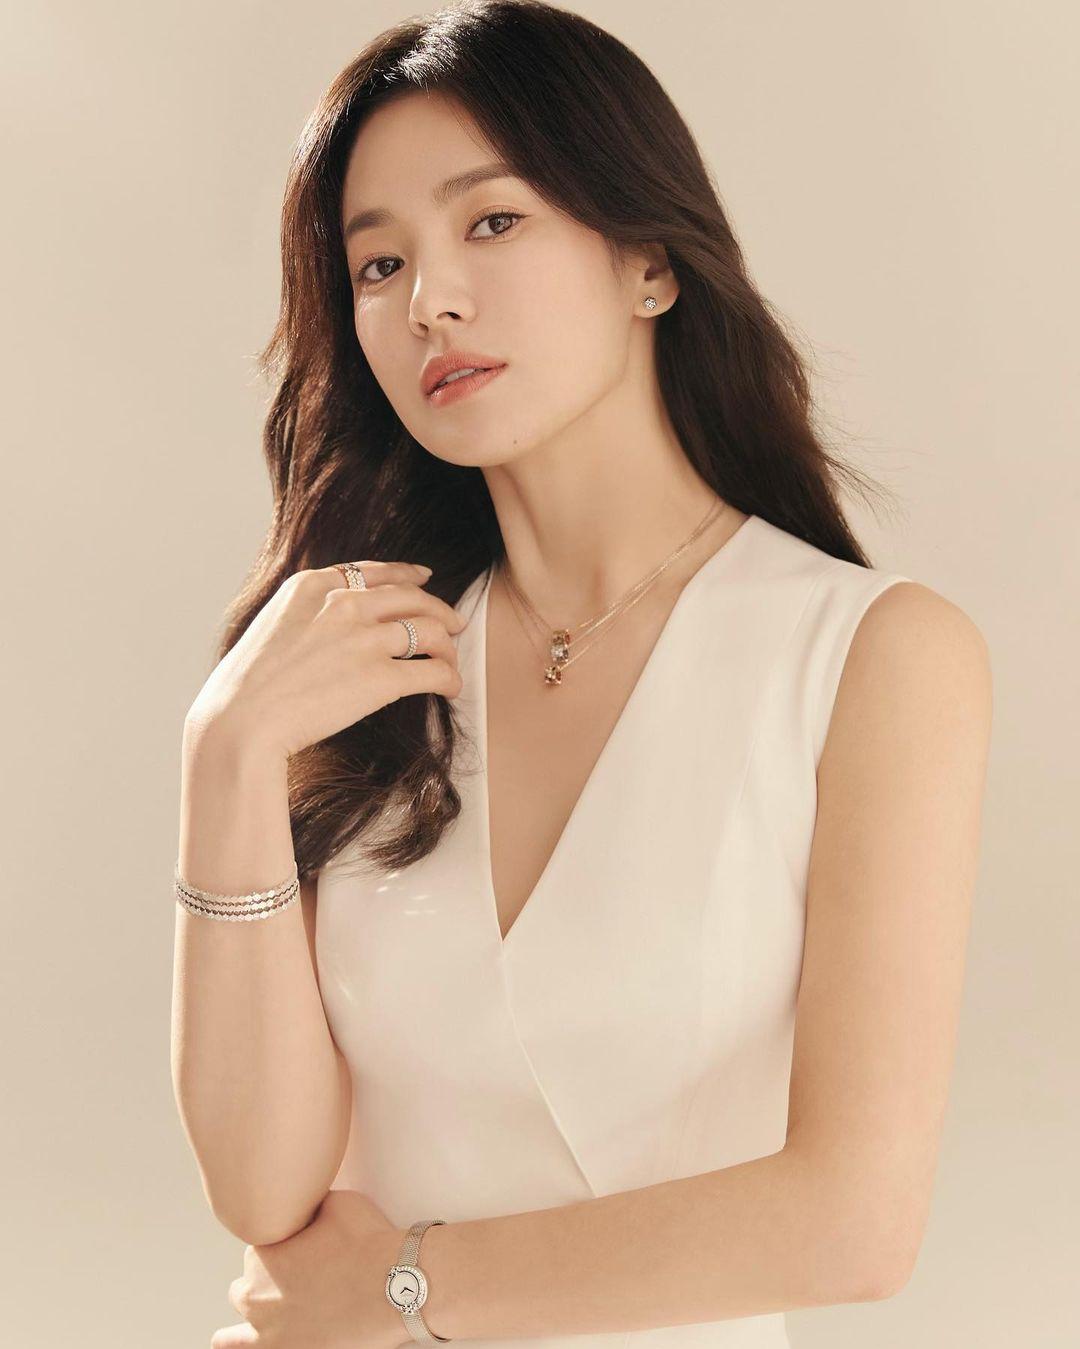 Daftar 5 Film Dan Serial Song Hye Kyo Yang Wajib Tonton